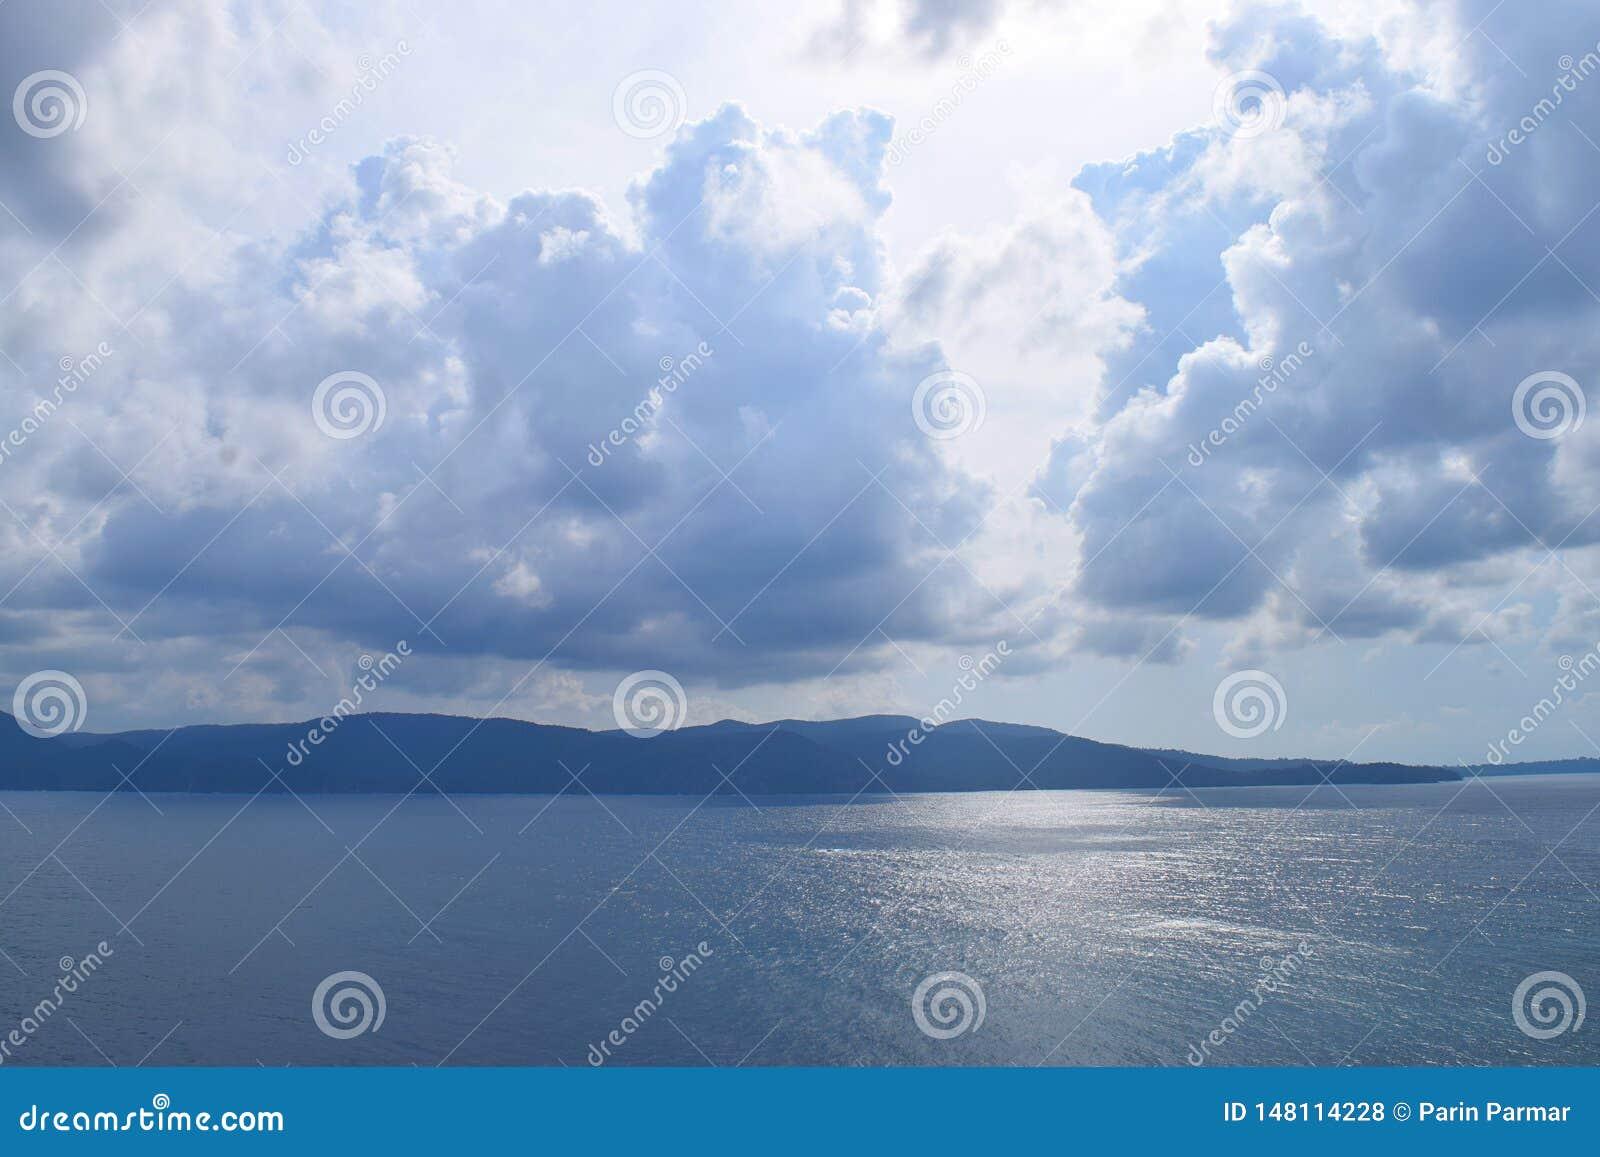 Ansicht von Meer, von entfernten Inseln und von bewölktem Himmel auf hellem Sunny Day - Chidiya Tapu, Port Blair, Andaman-Nikobar